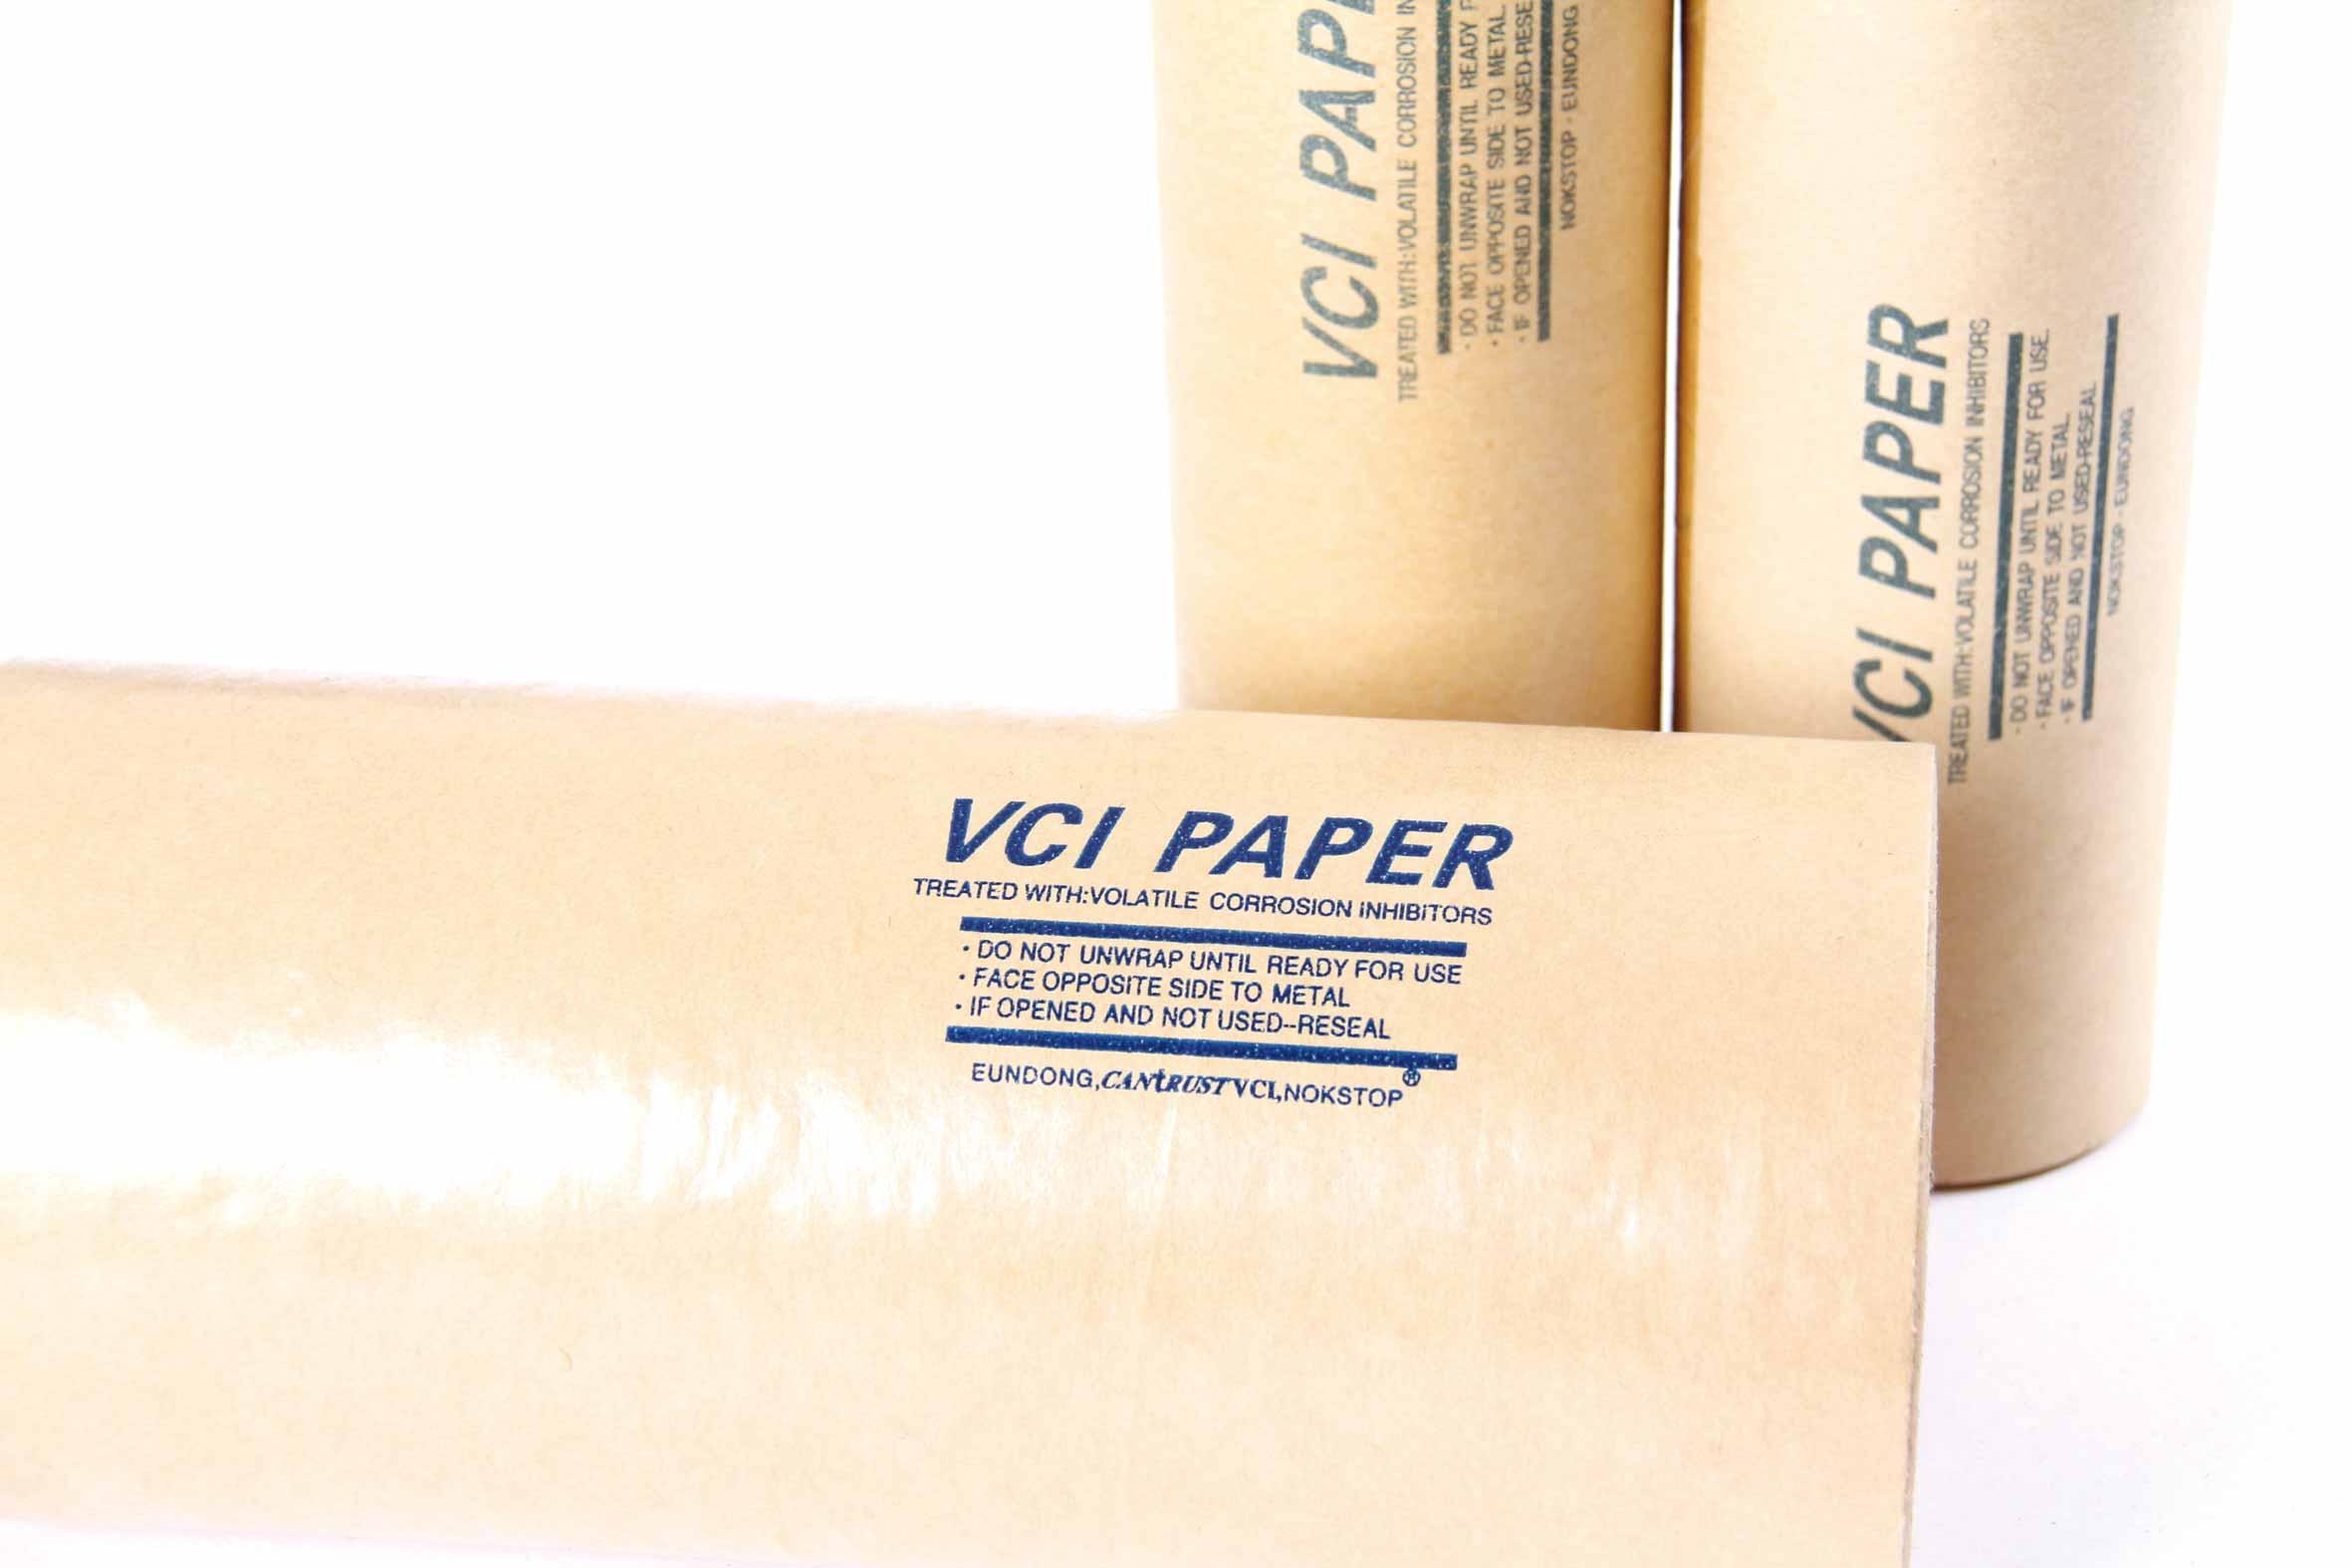 恩东防锈技术供应同行中口碑好的防锈纸_防锈纸品牌